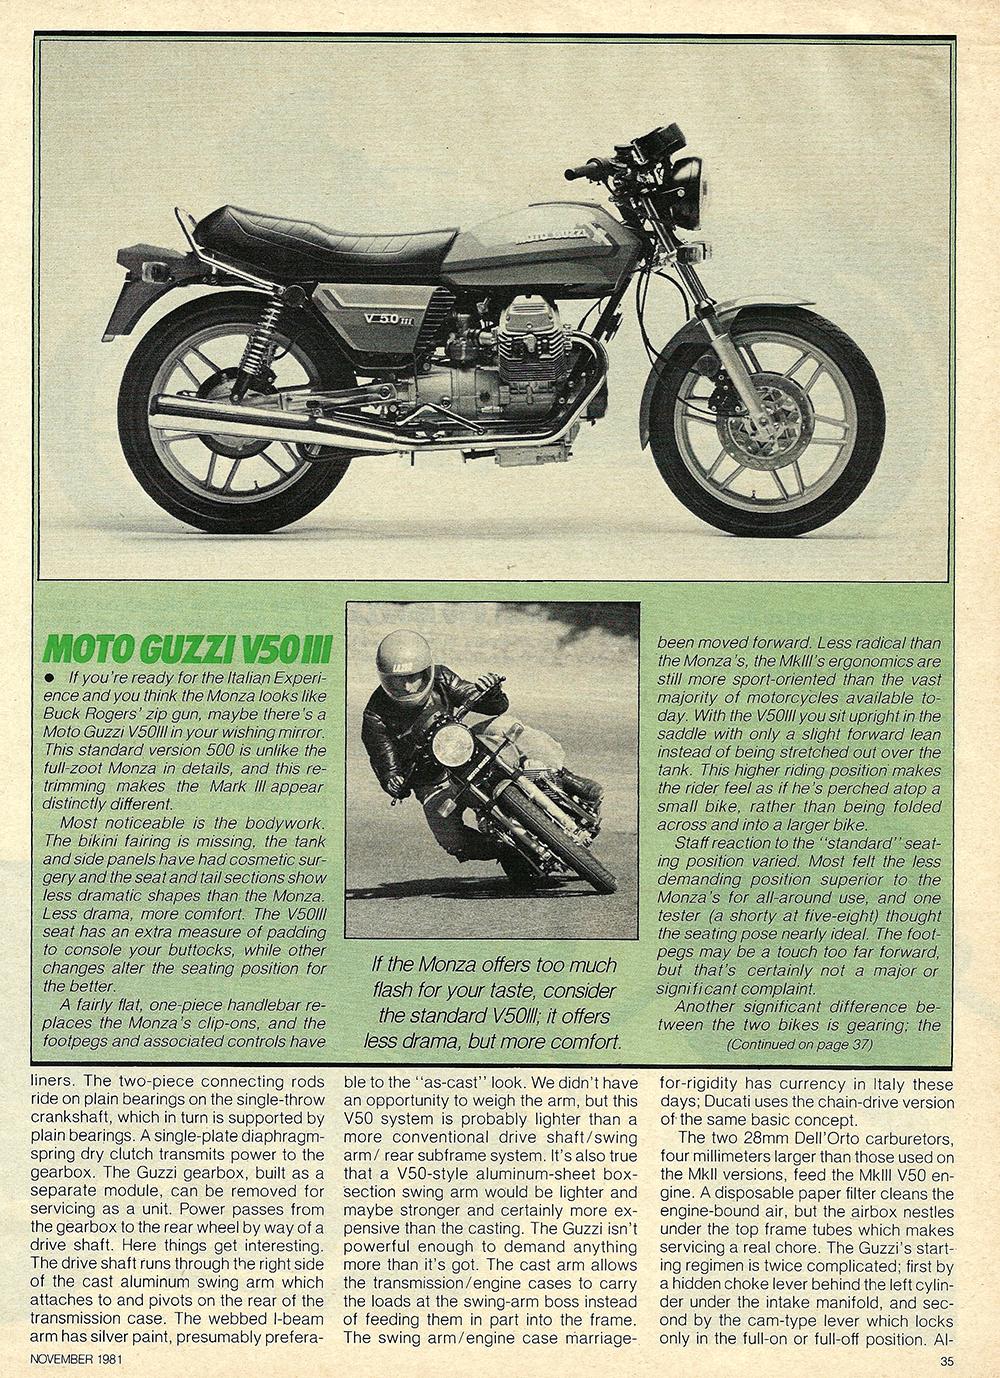 1981 Moto Guzzi V50 Monza road test 04.jpg